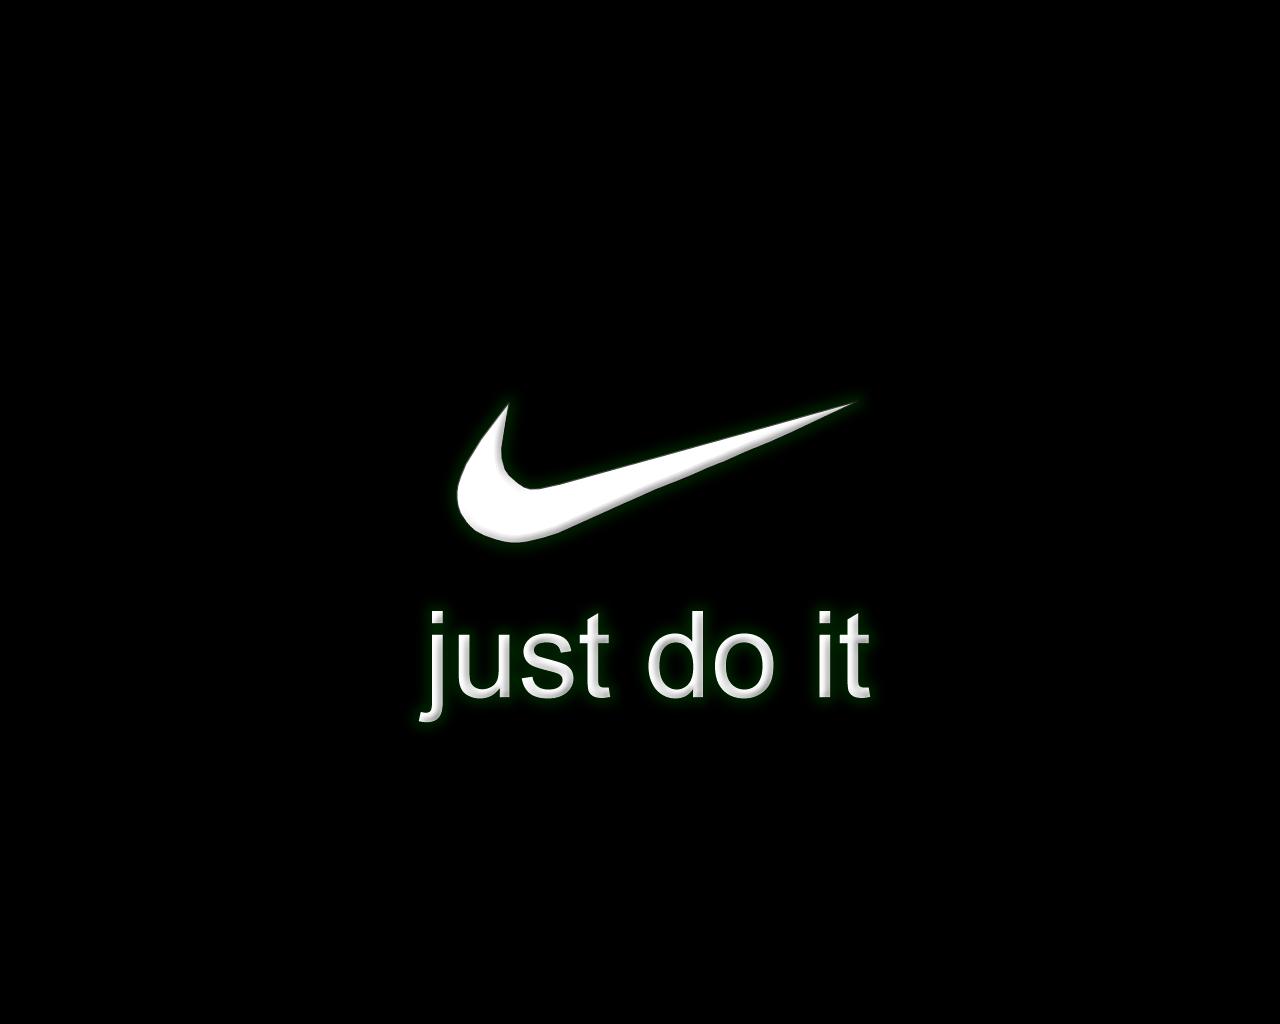 Nike Meme Generator